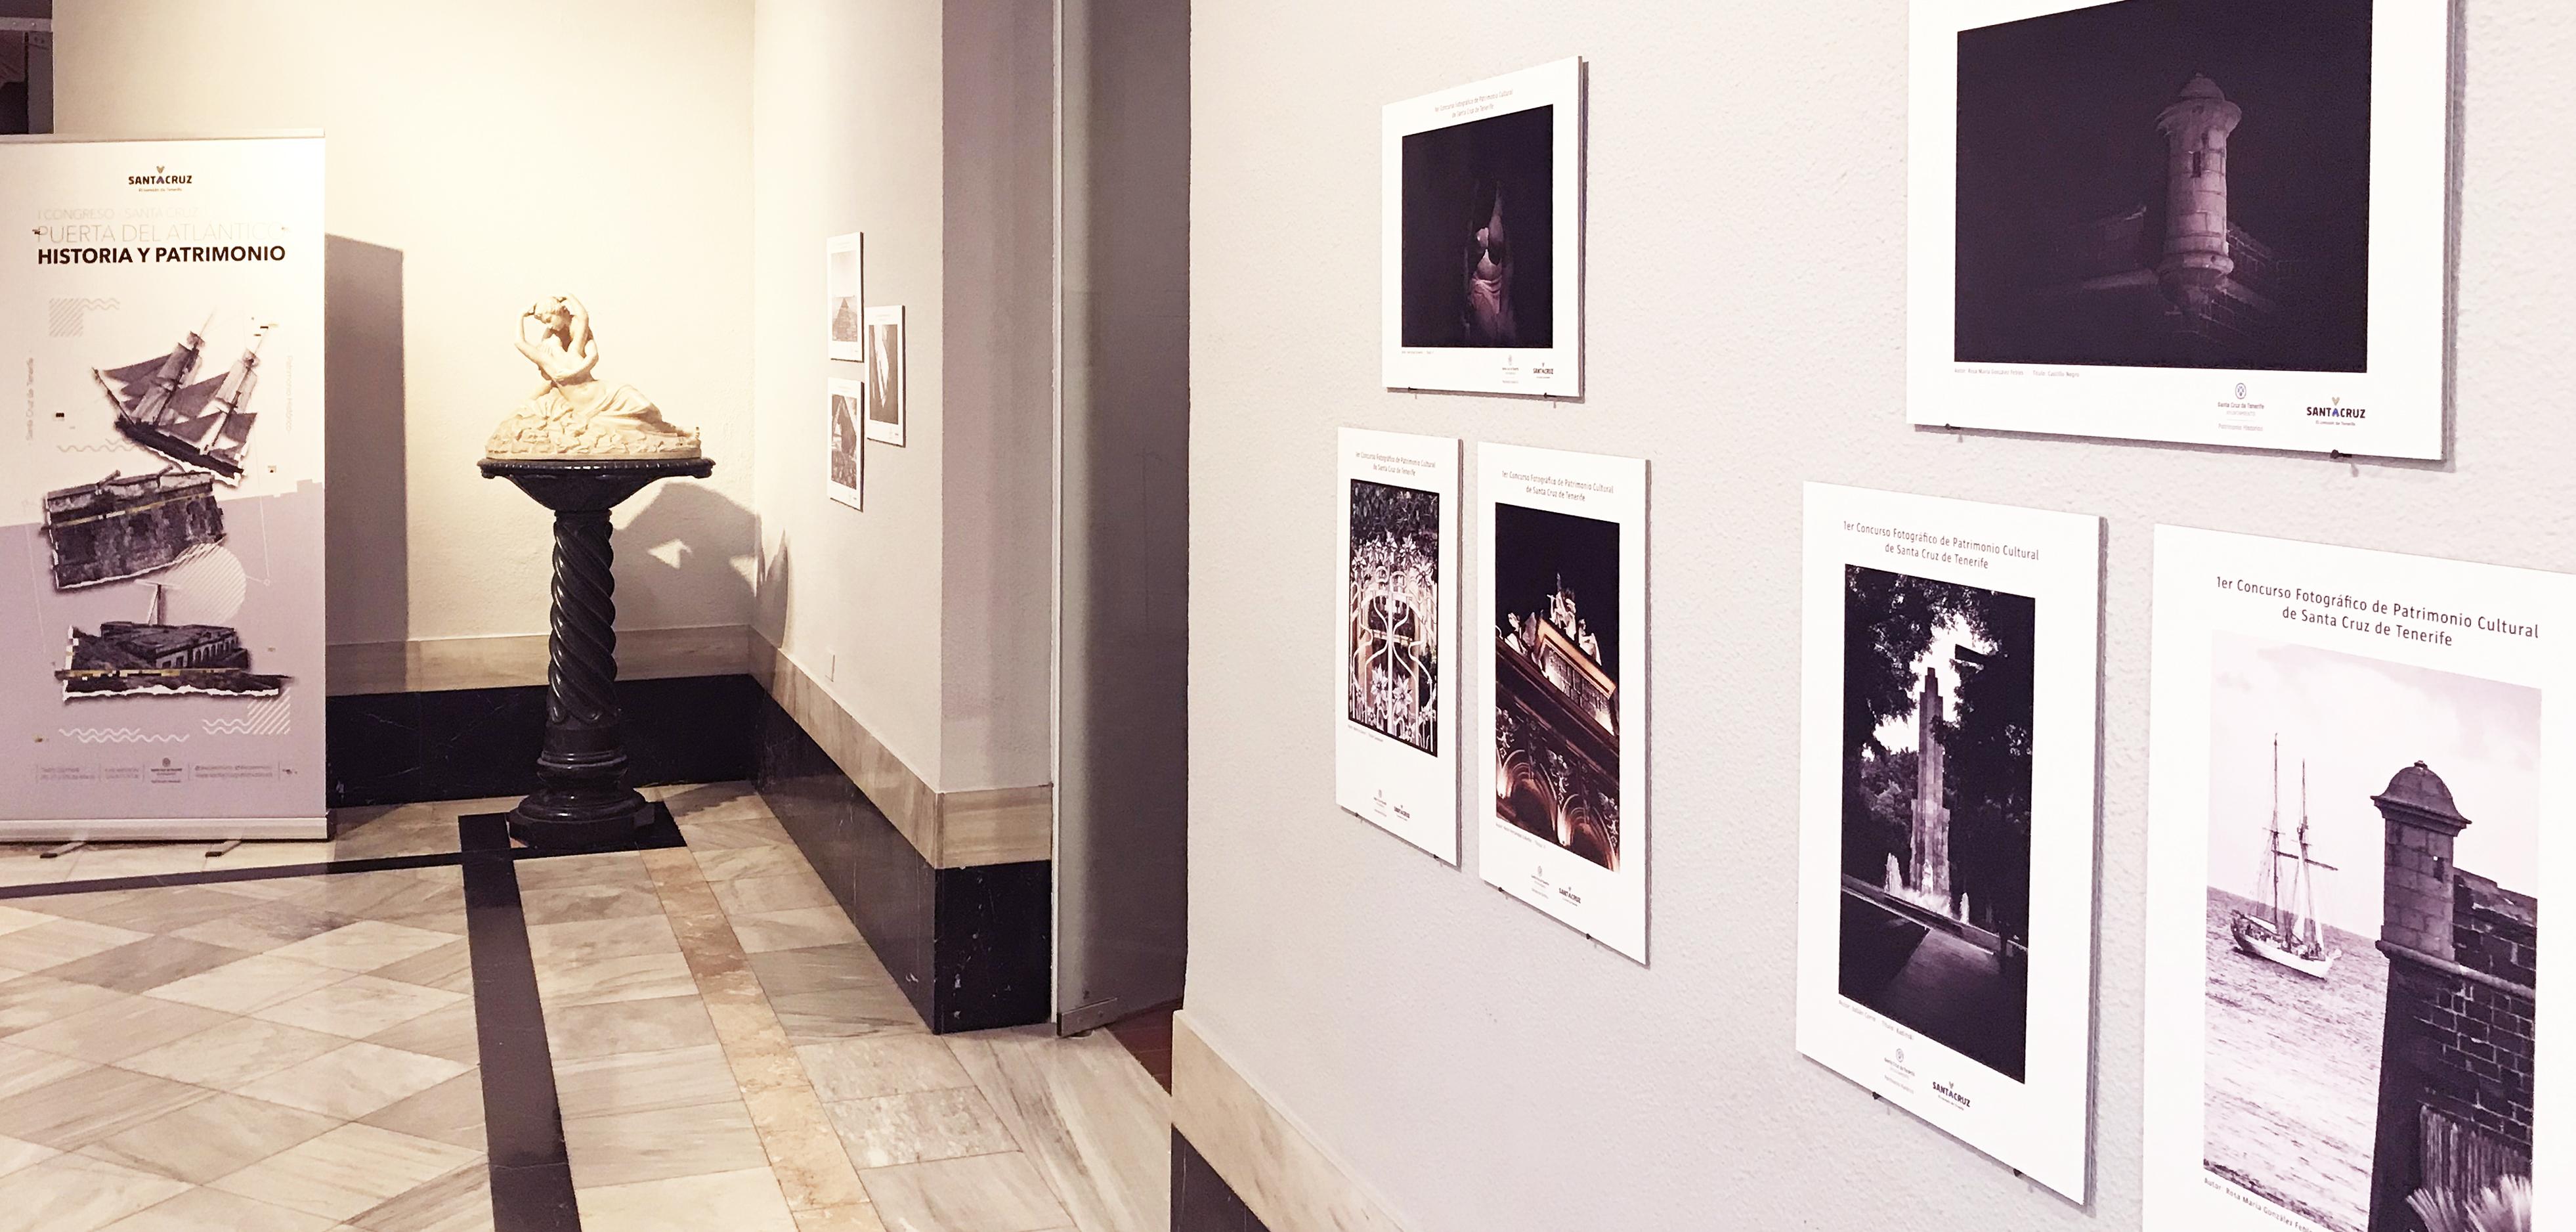 Concurso Fotográfico sobre el Patrimonio Cultural de Santa Cruz de Tenerife